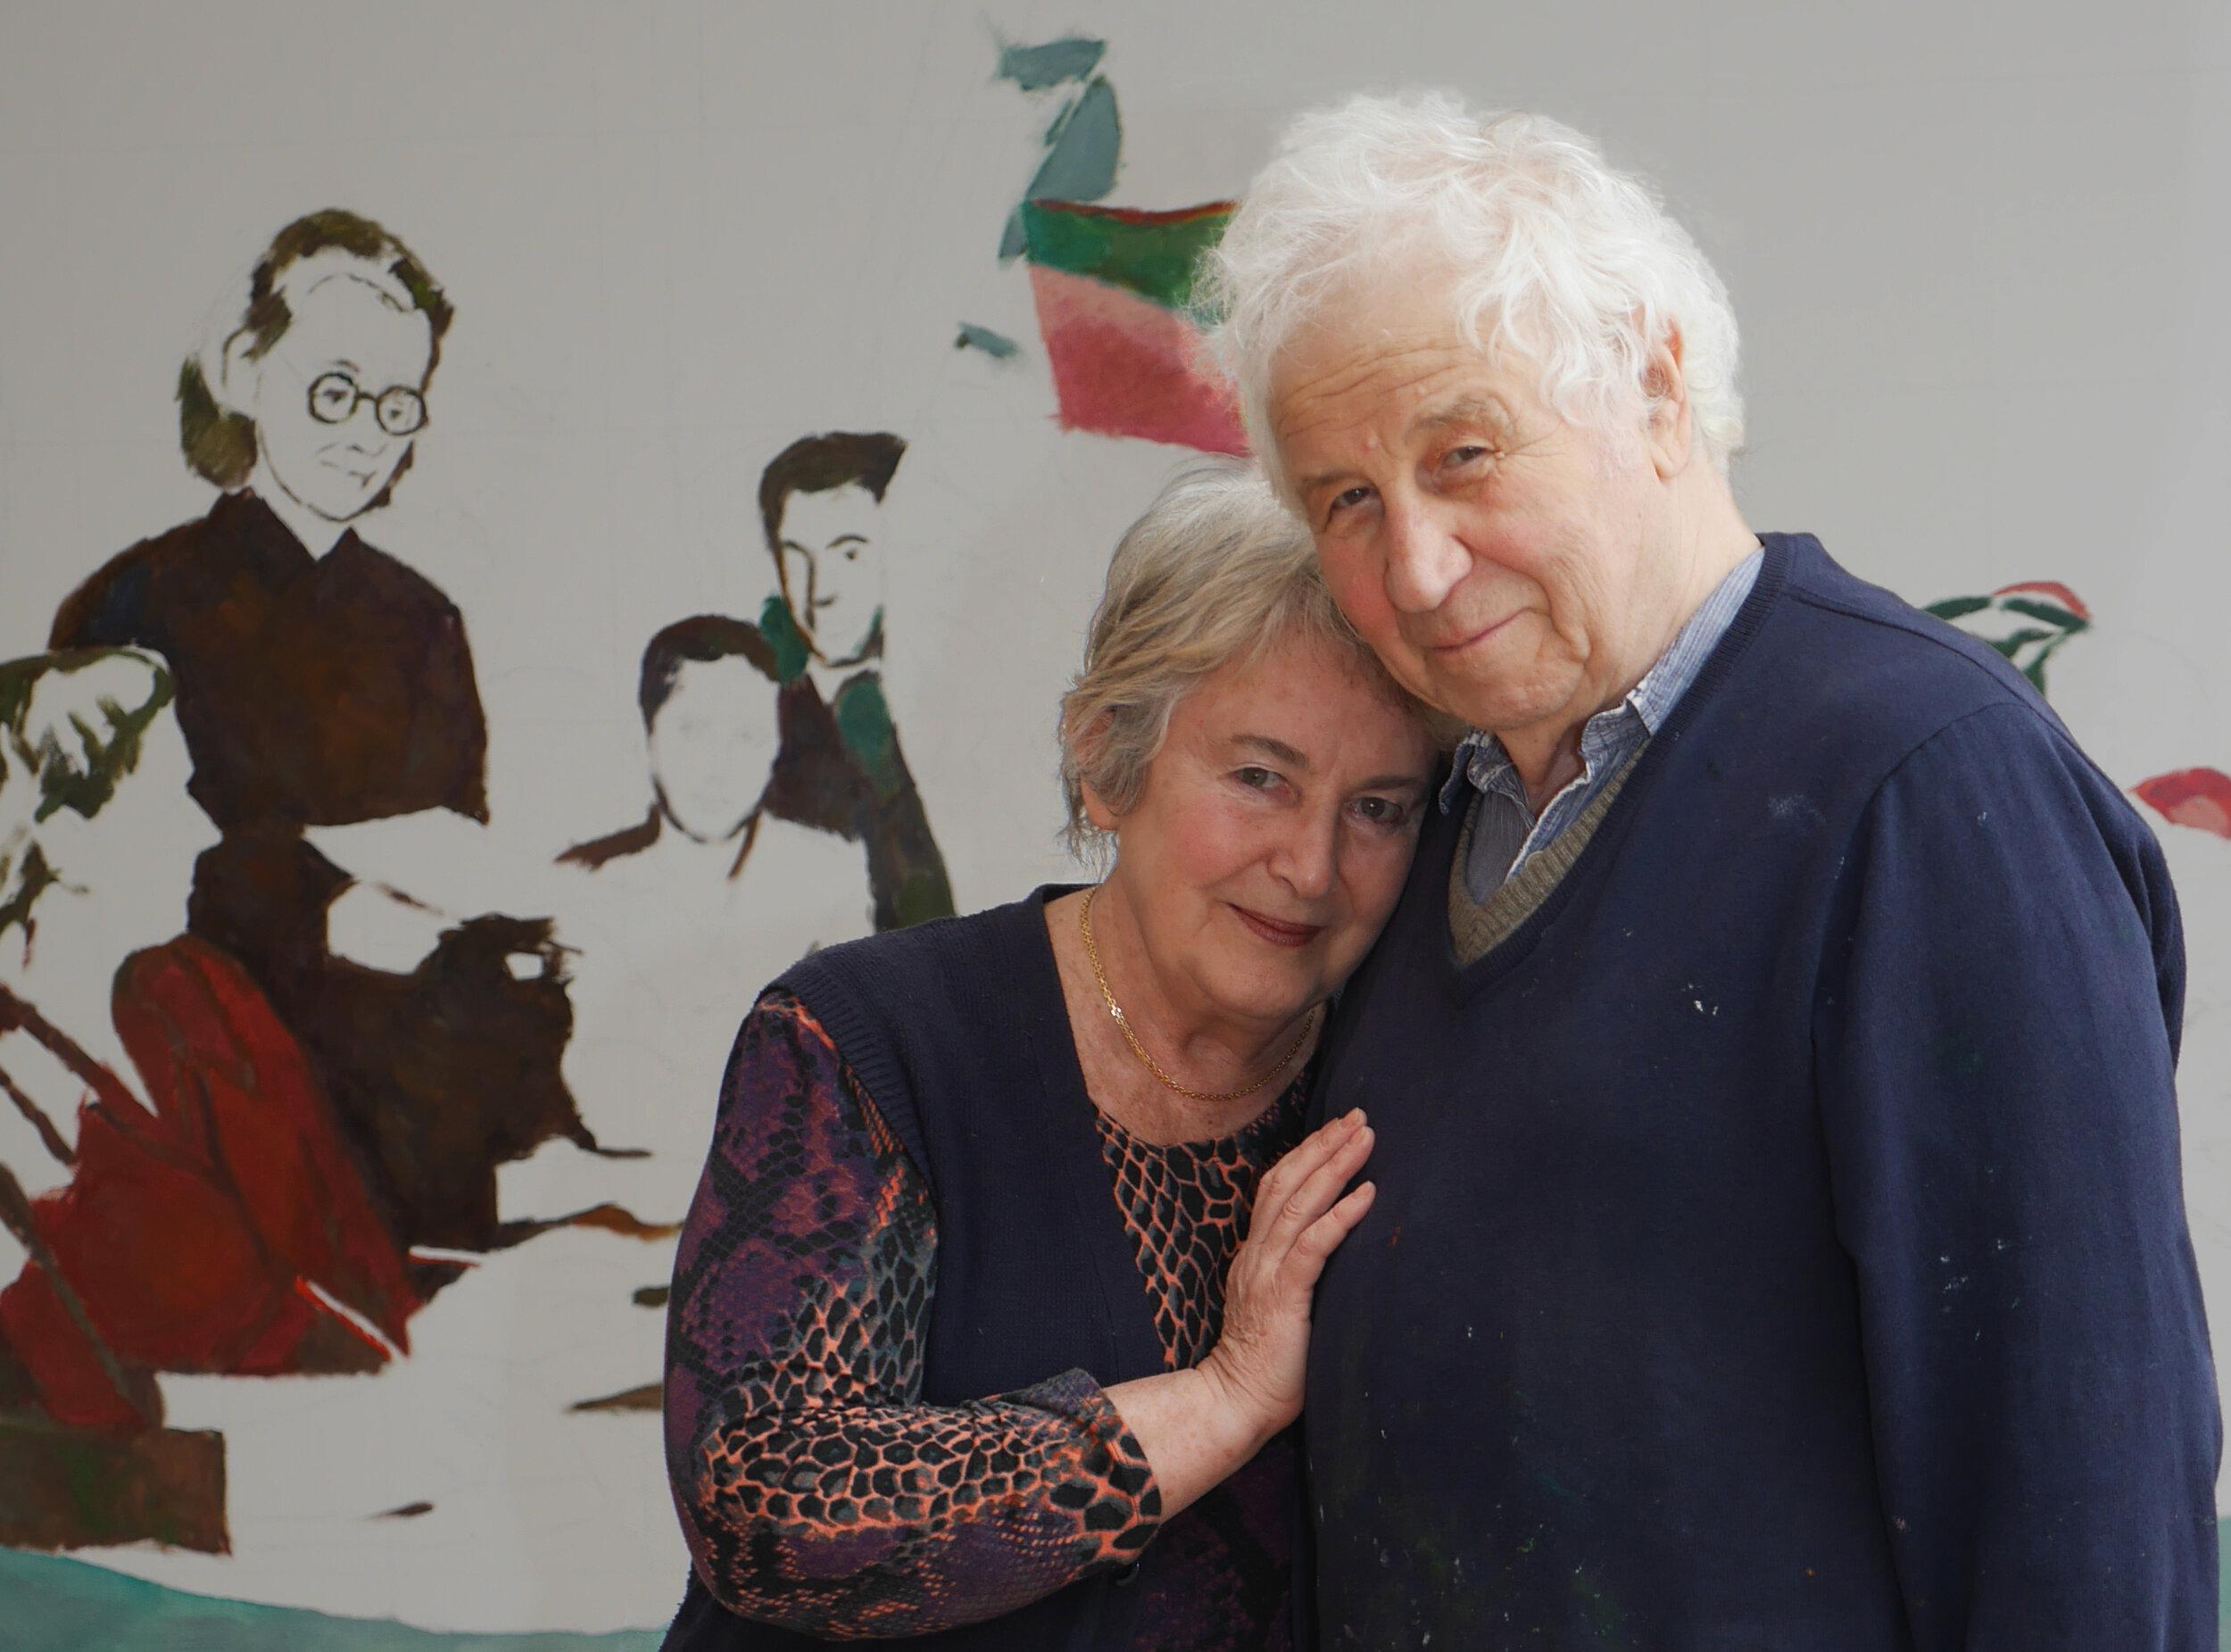 Ilya & Emilia Kabakov - Biography — Ilya & Emilia Kabakov